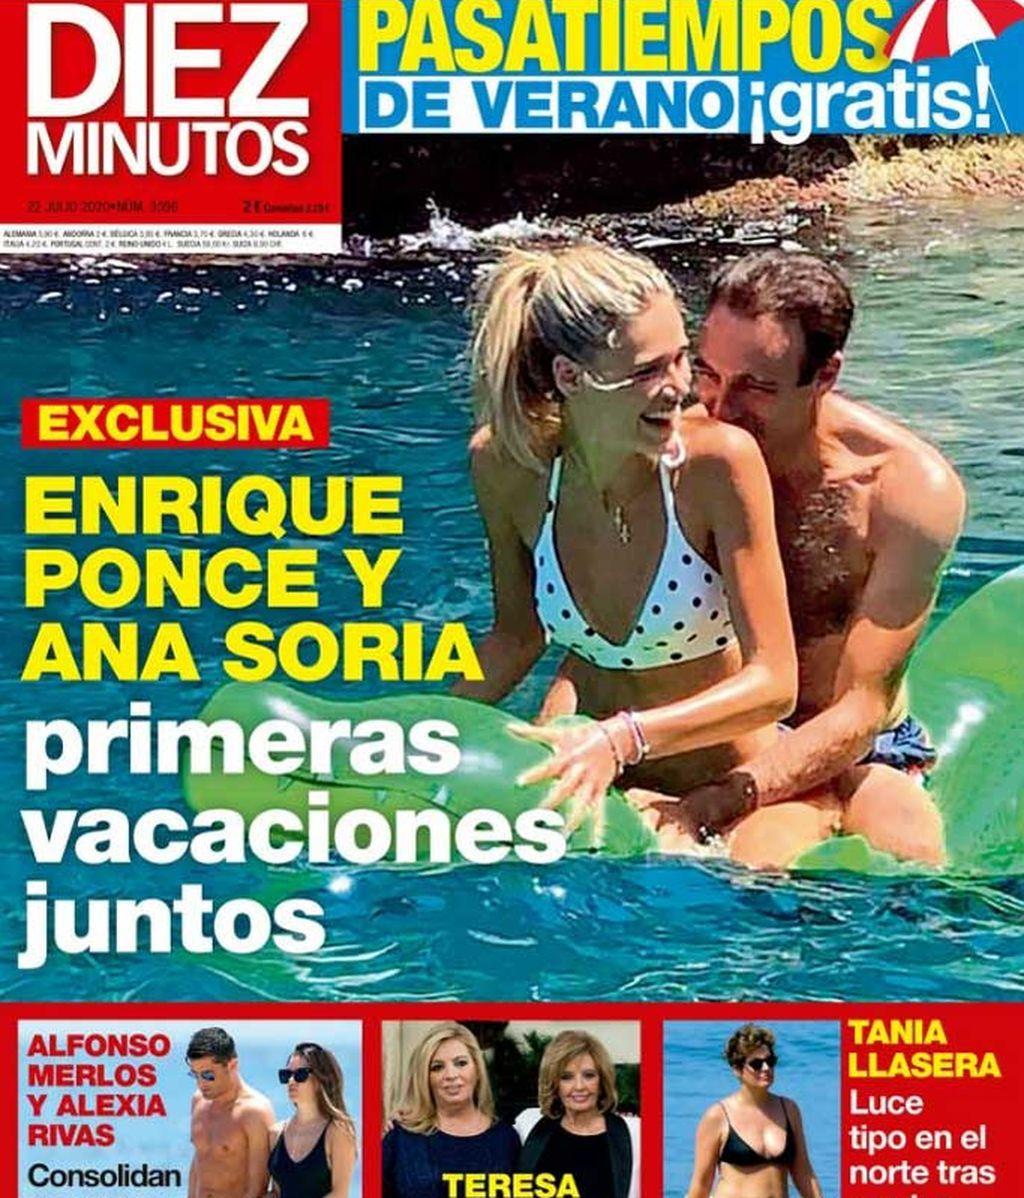 Enrique Ponce y Ana Soria, en la portada de Diez Minutos